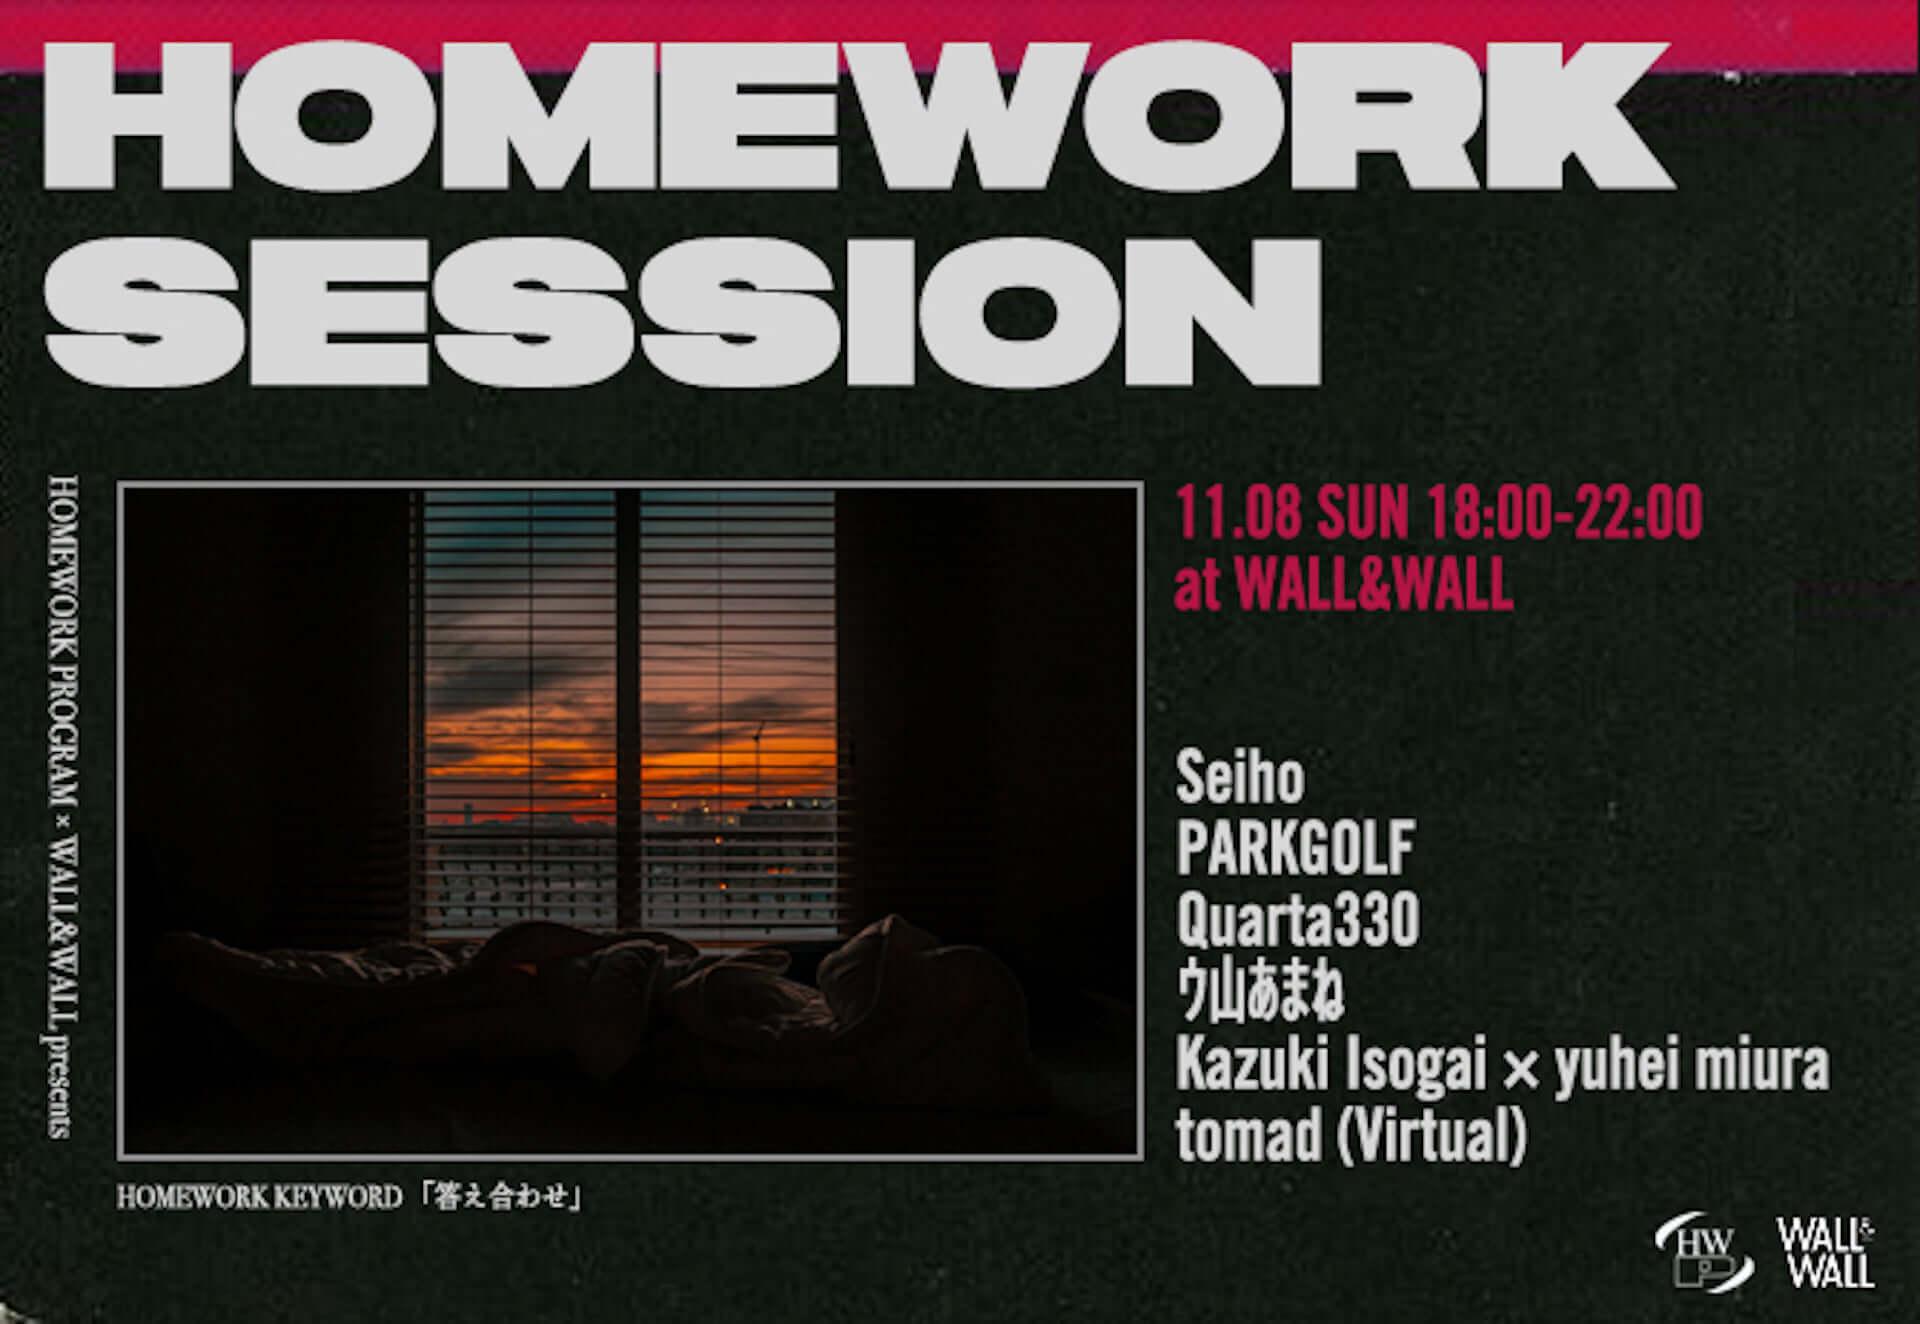 配信番組『HOMEWORK PROGRAM』による初のライブイベントが表参道WALL&WALLにて開催決定!Seiho、PARKGOLF、tomadらが出演 music201028_homework-session_3-1920x1324